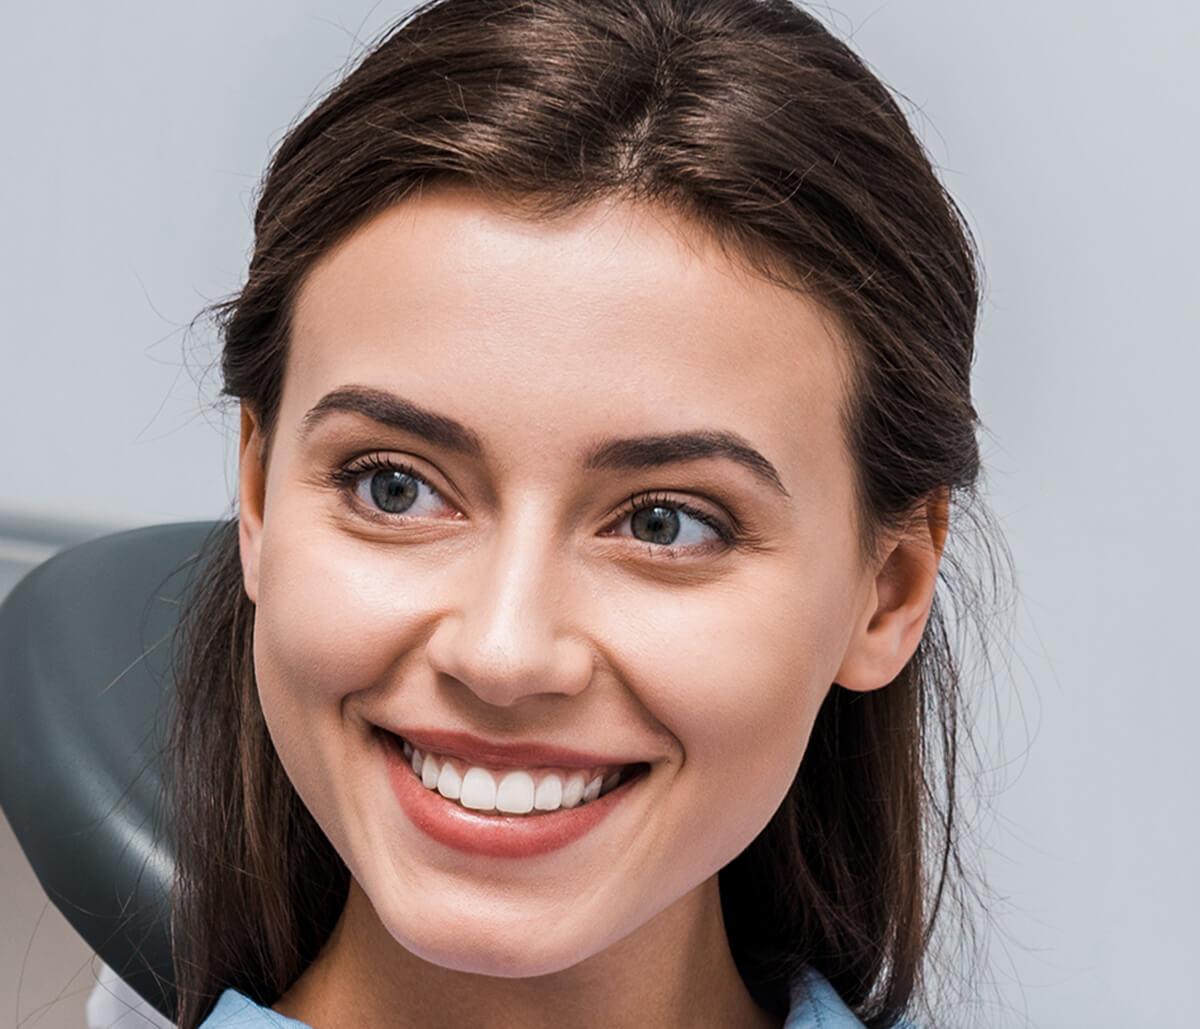 Find Dentist Office in Aliso Viejo CA Area